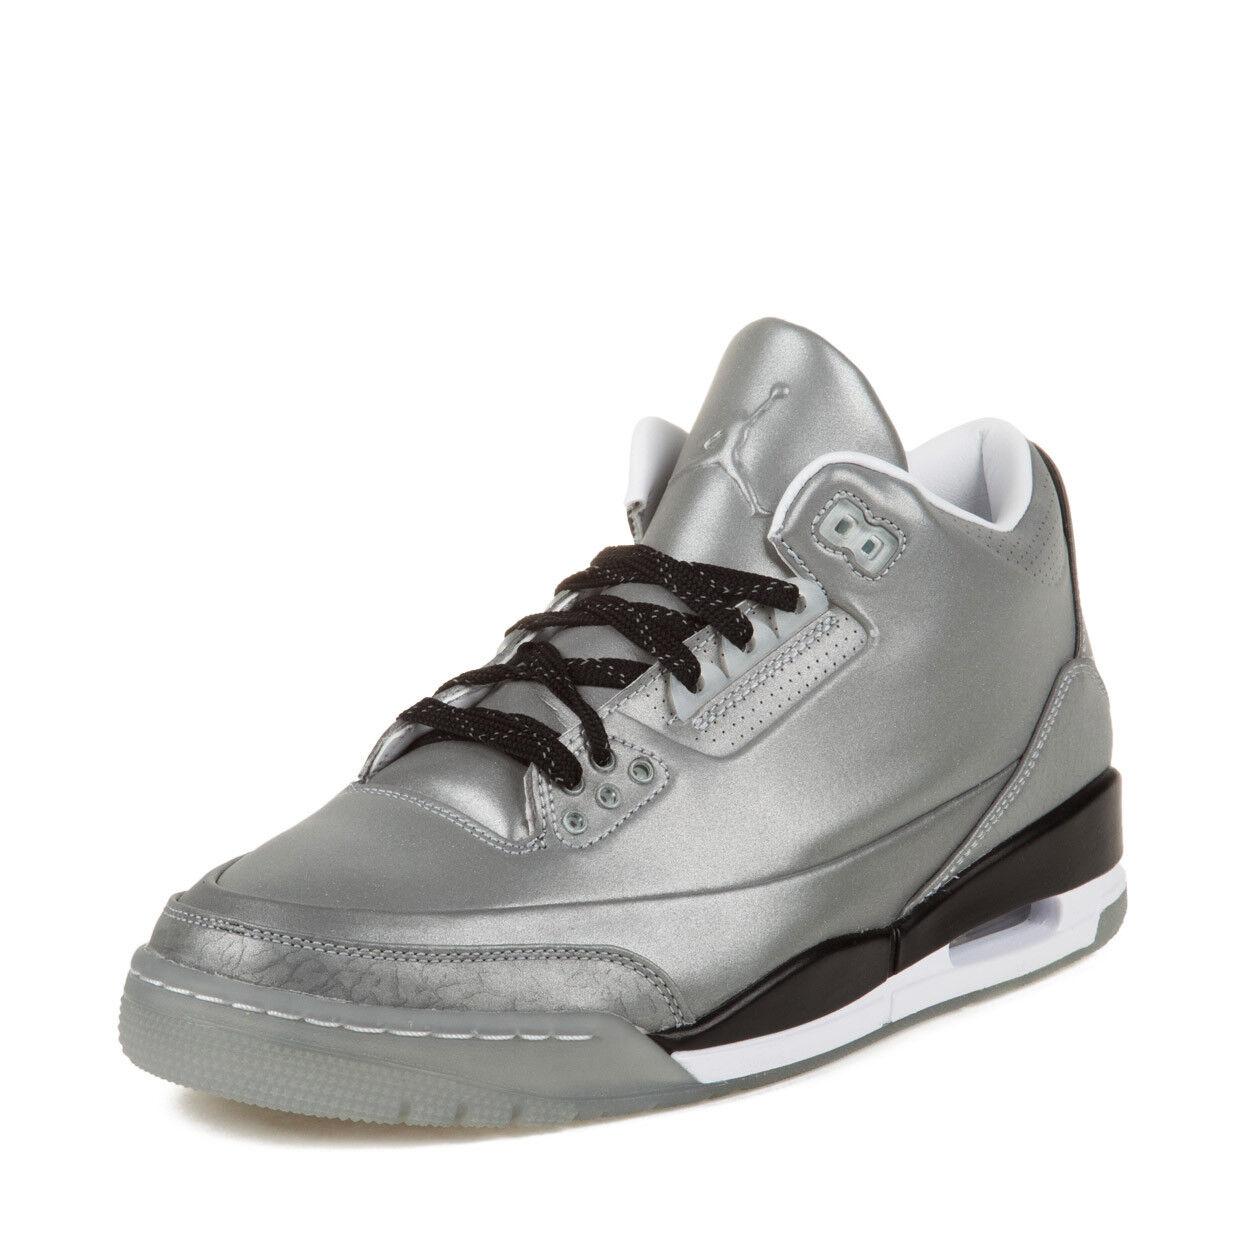 Nike Mens Air Jordan 5LAB3